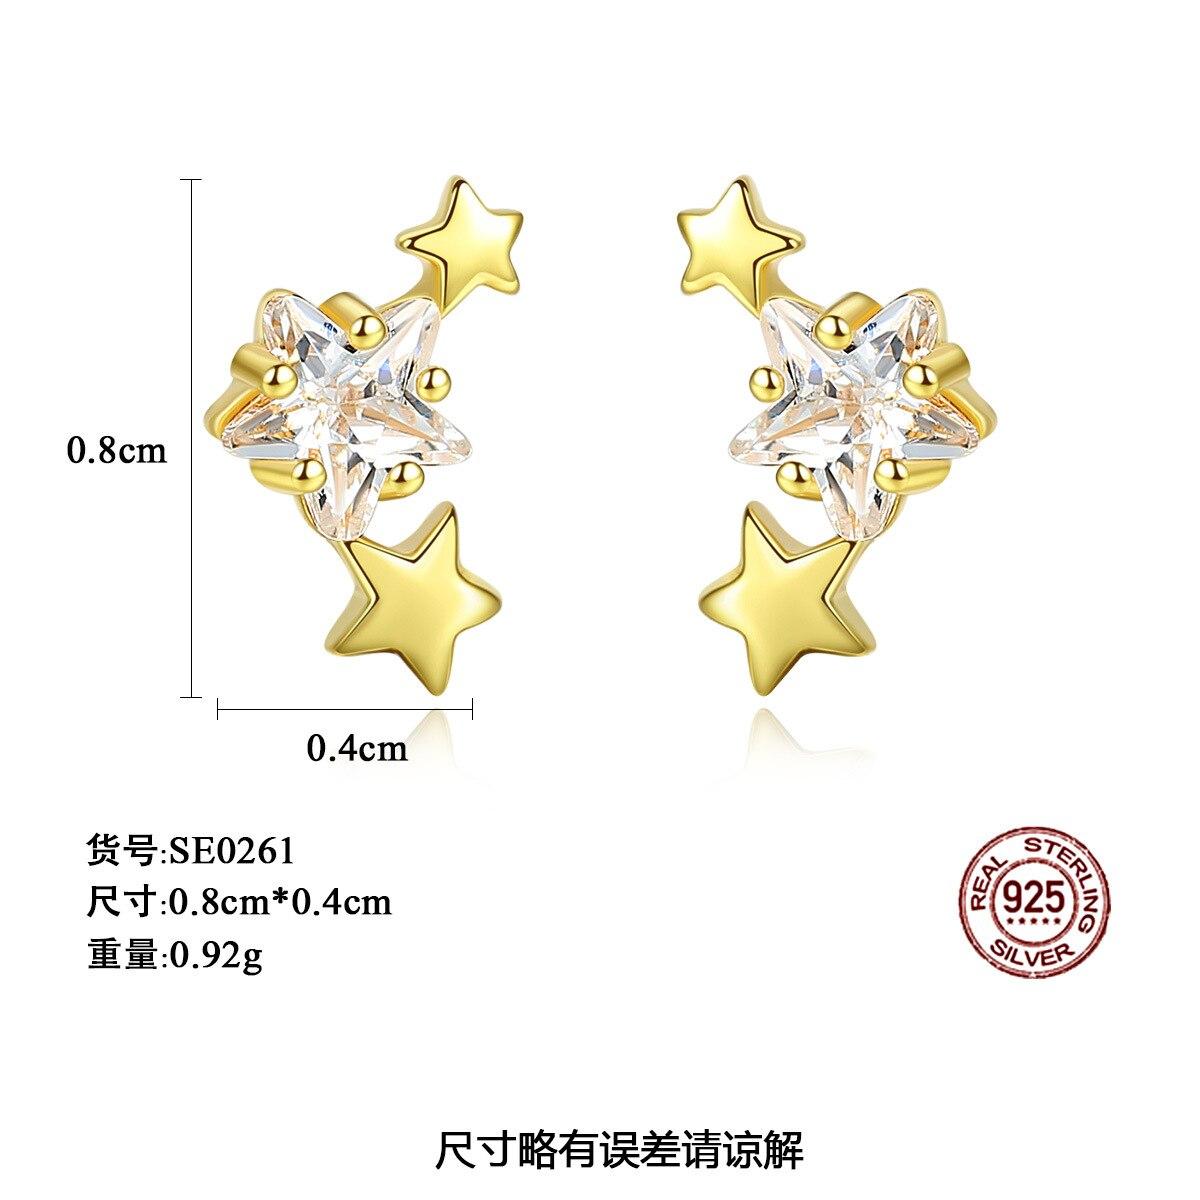 PAG & MAG nouveau 925 boucles d'oreilles en argent Sterling étoile Zircon boucles d'oreilles femme mode simple petit pentagramme femme bijoux - 4